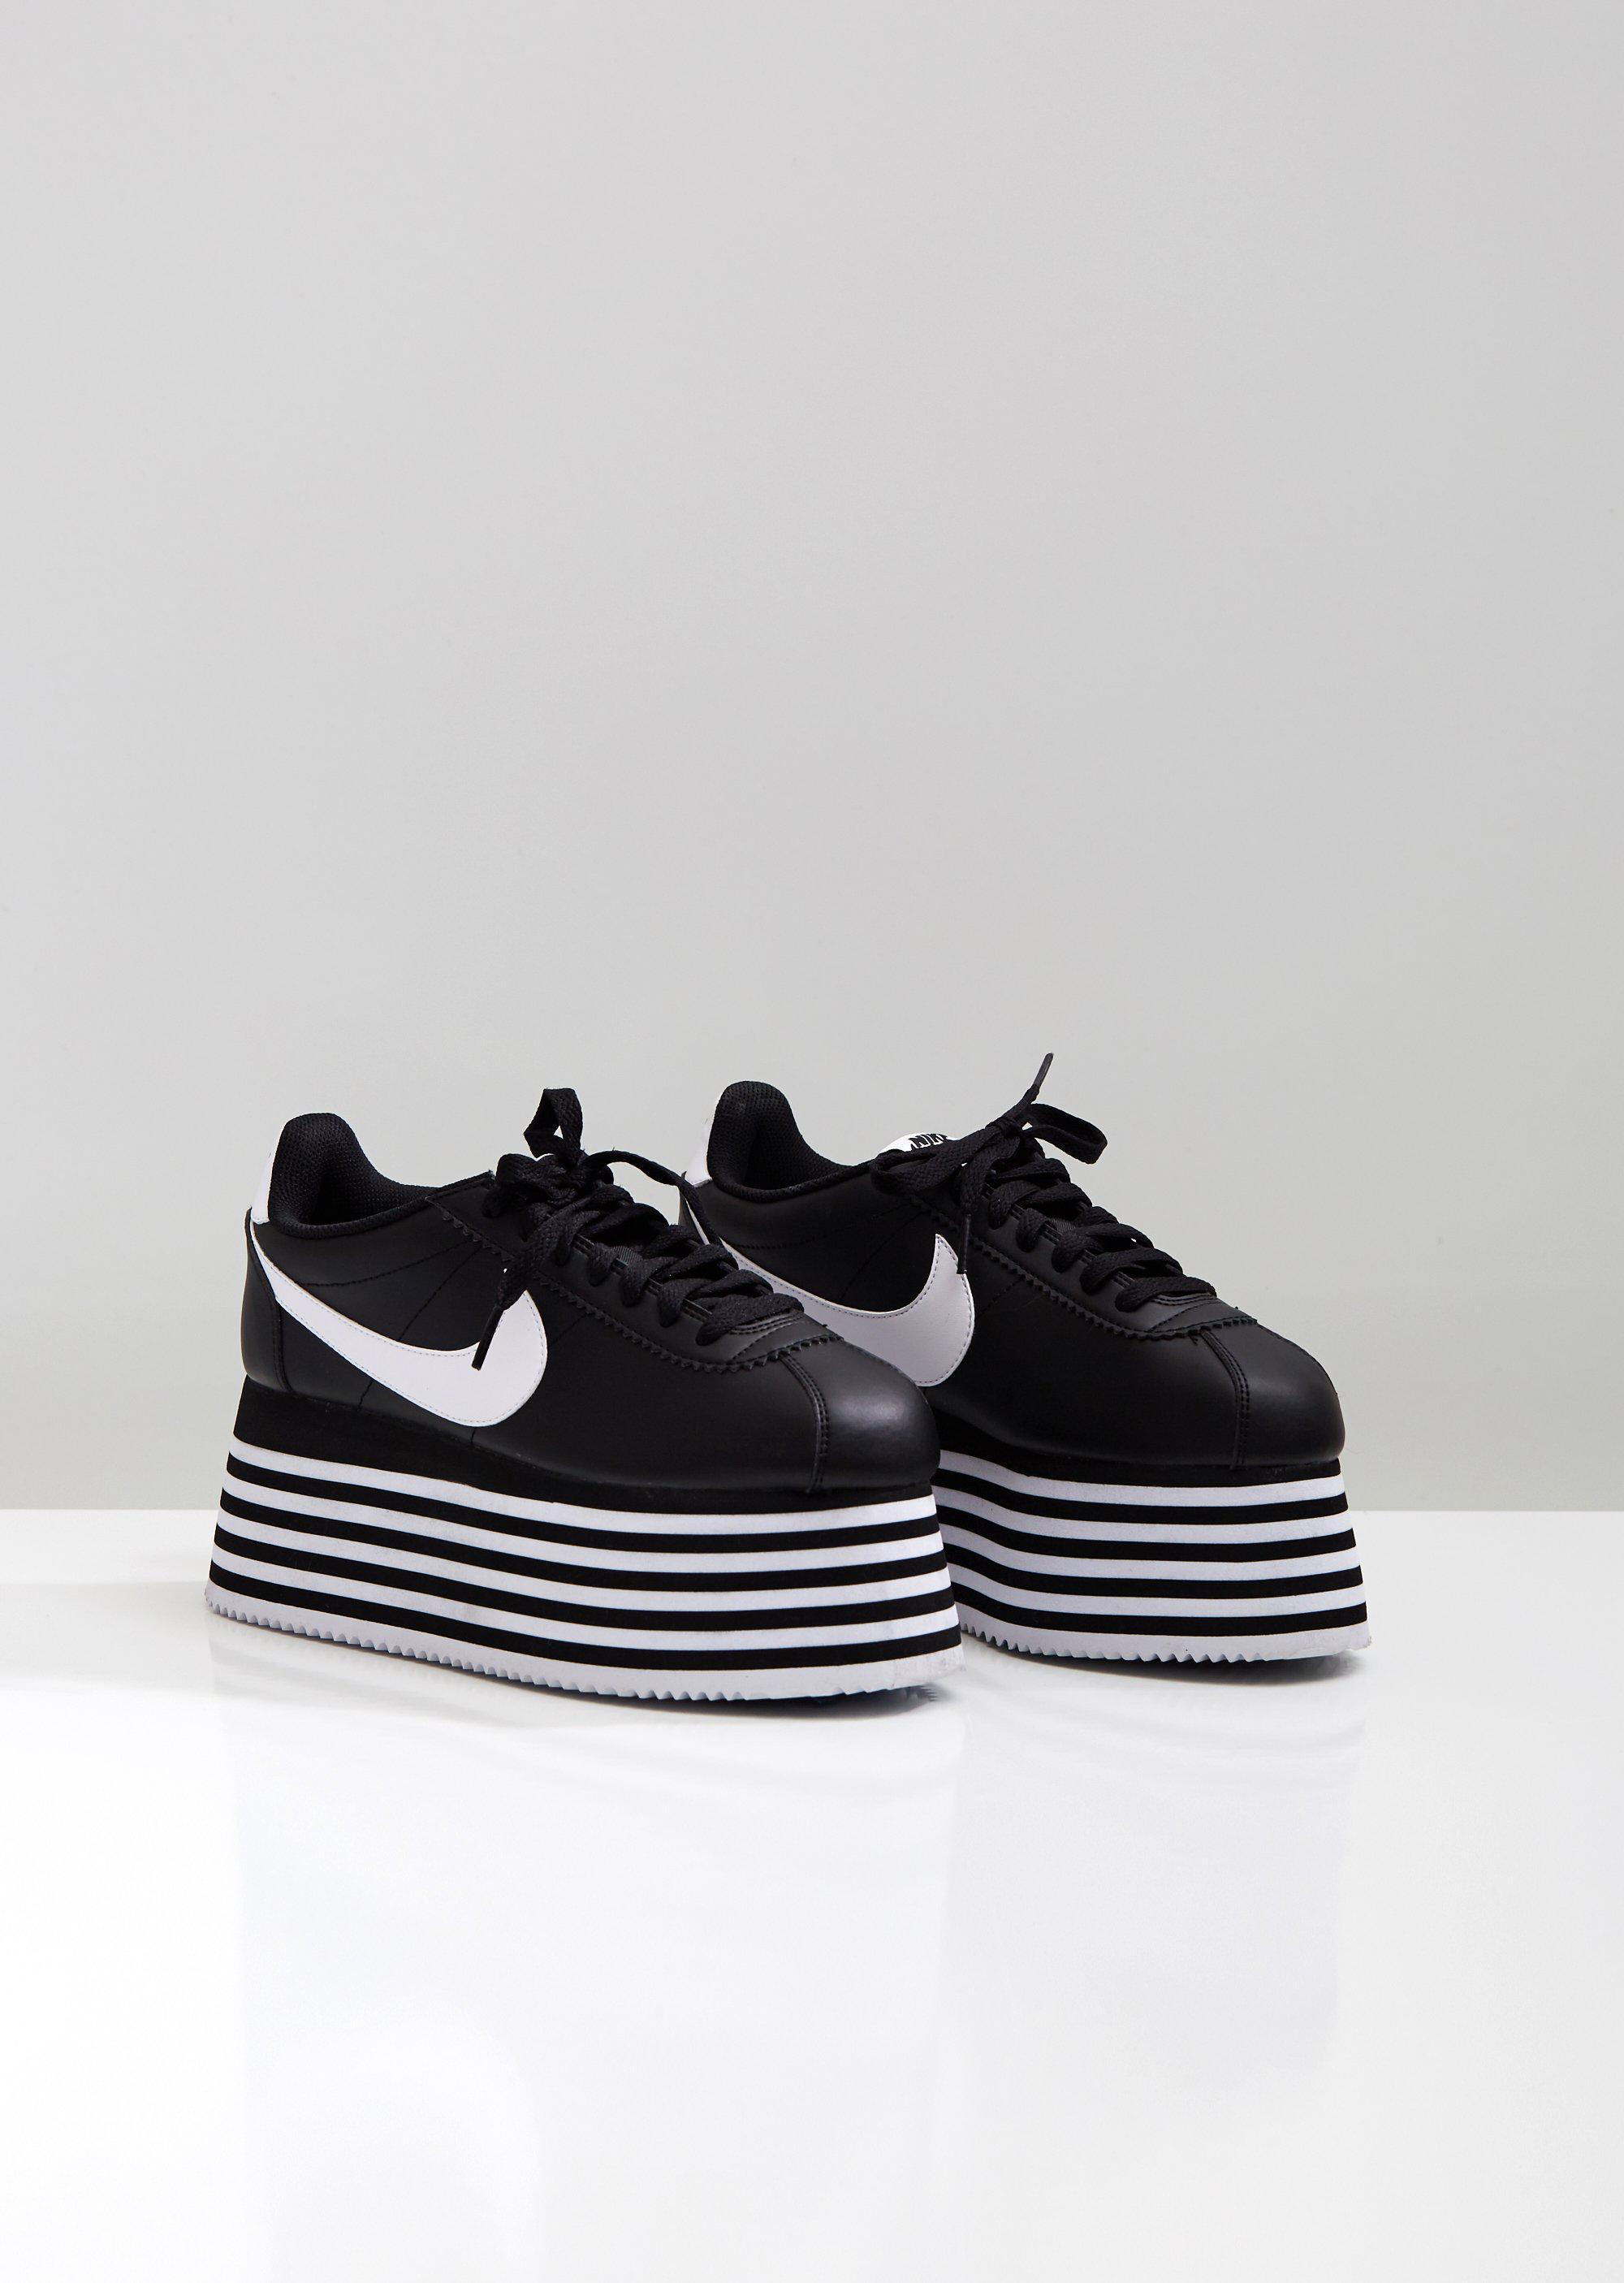 wholesale dealer 98953 8cc46 Comme des Garçons Leather X Nike Platform Sneakers in Black ...